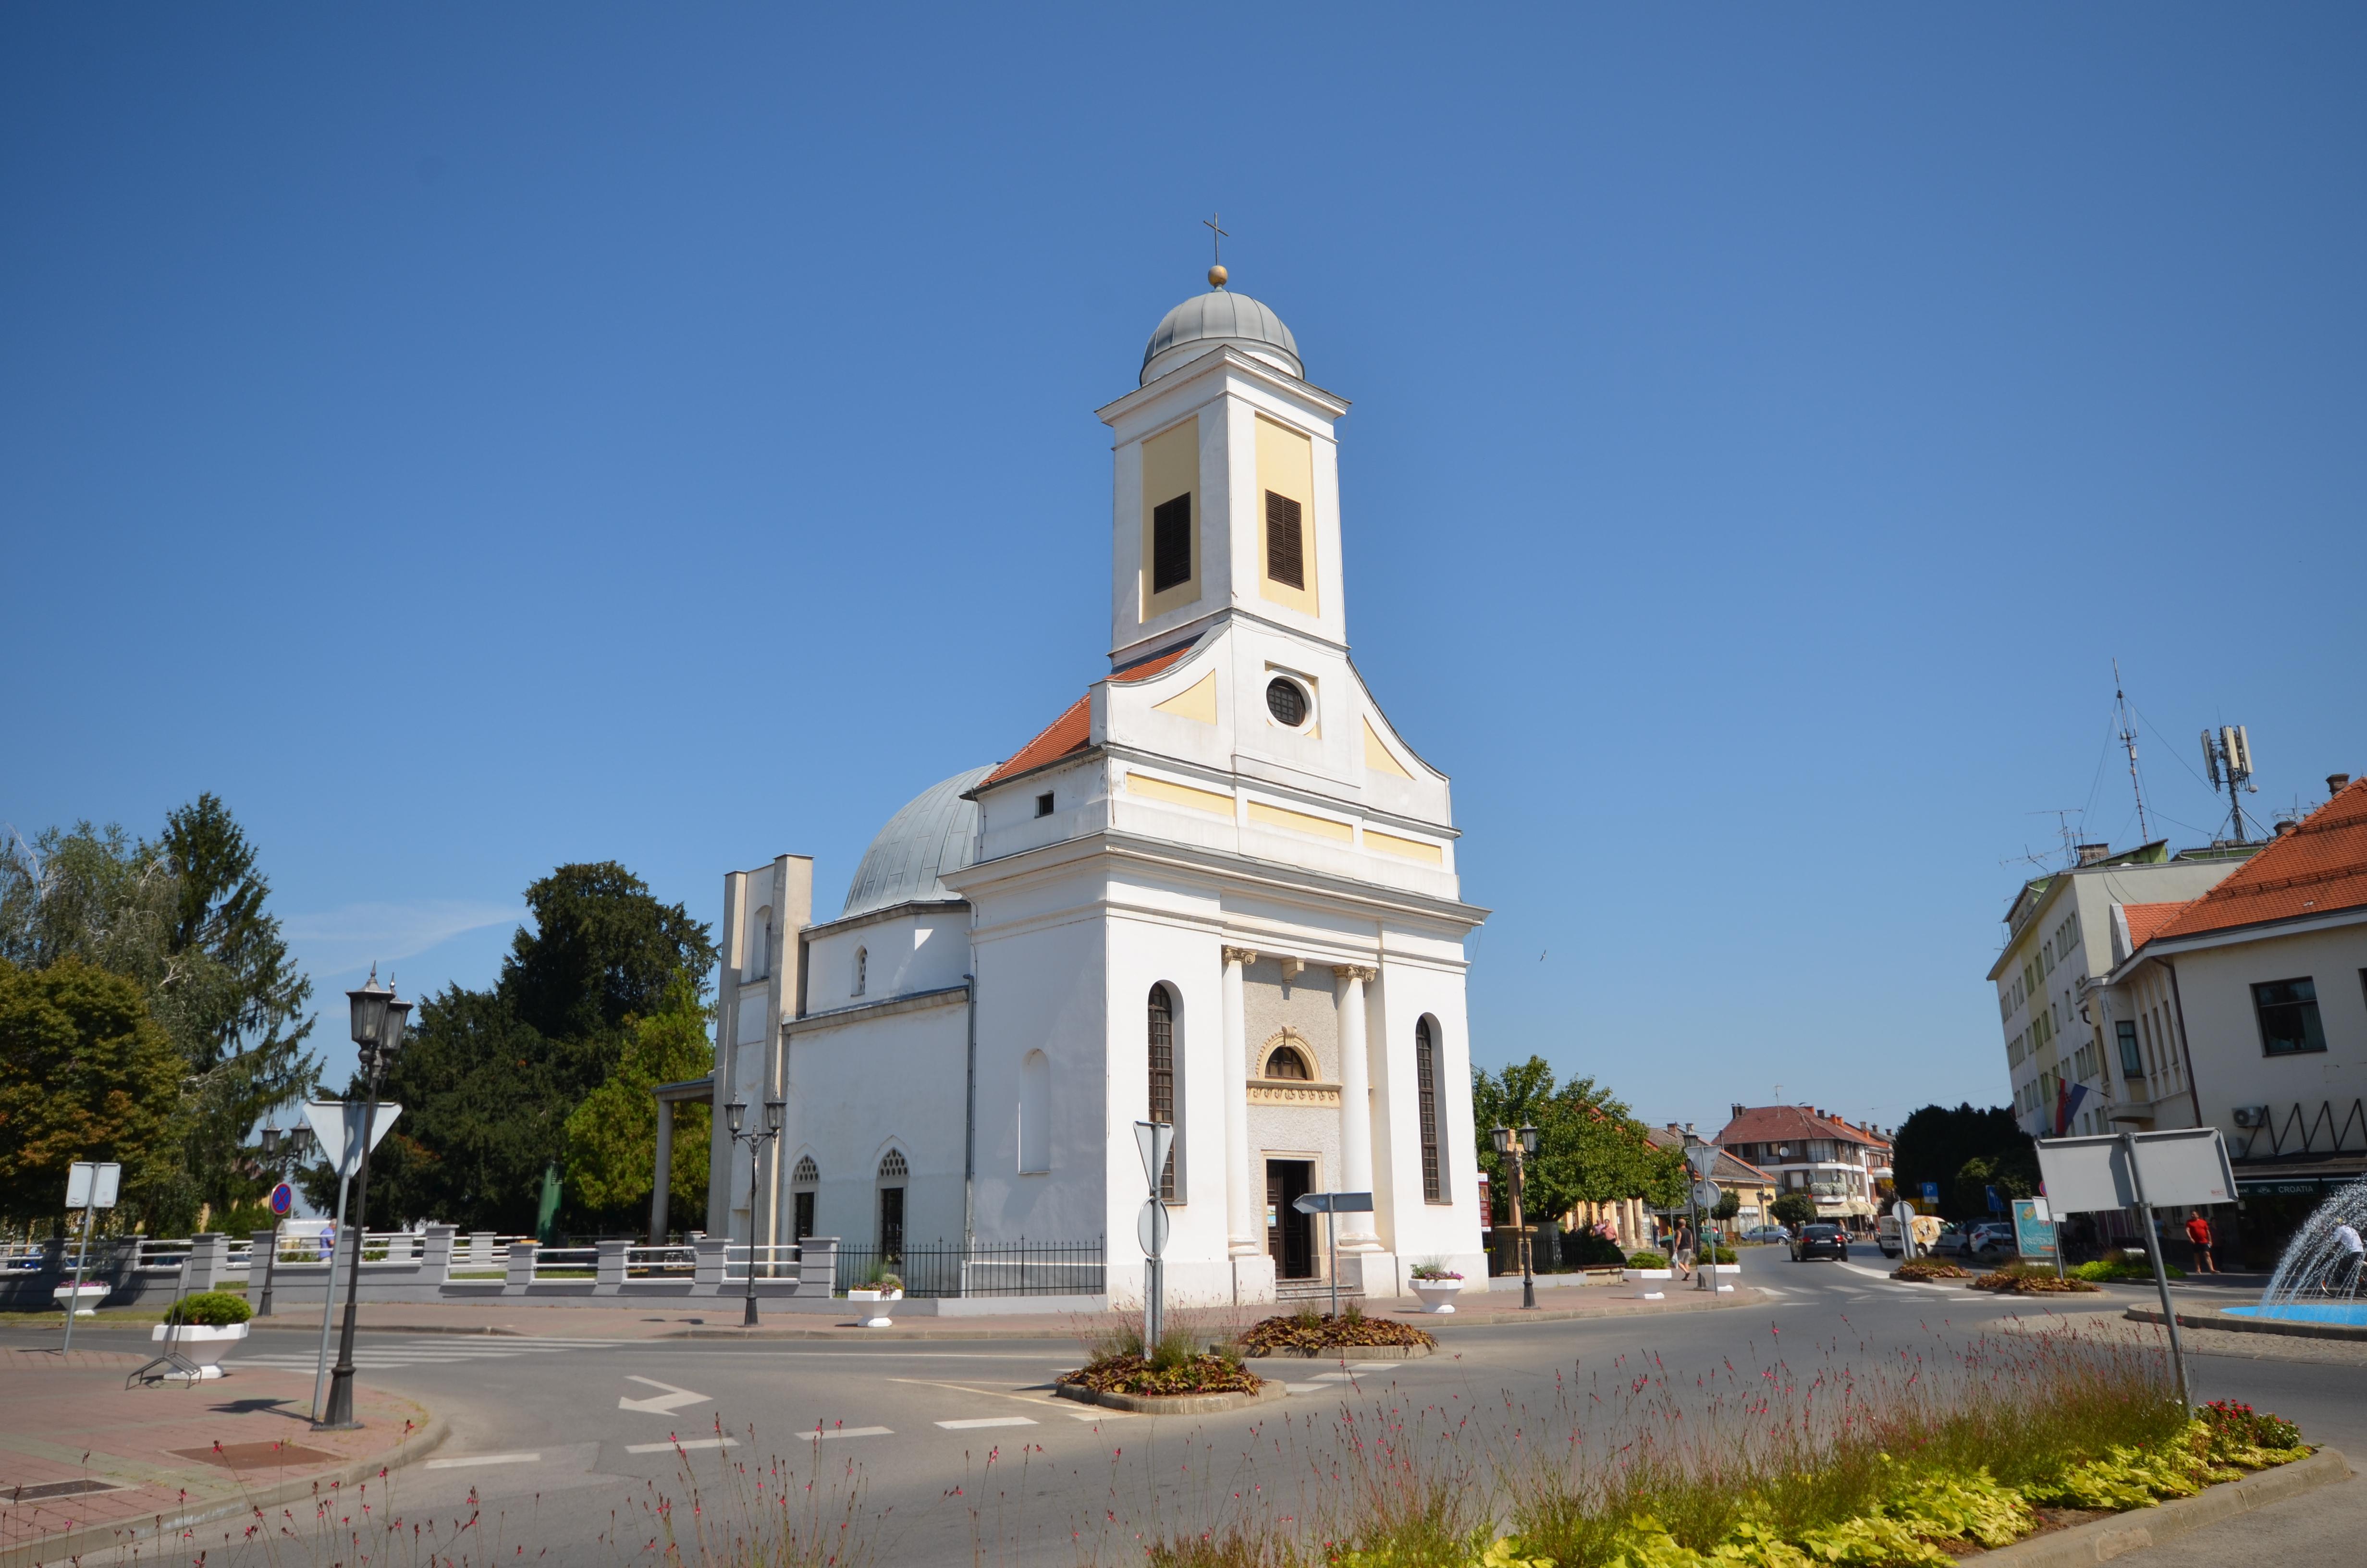 Kroatien: İbrahim Paşa Moschee umgewandelt in eine Kirche